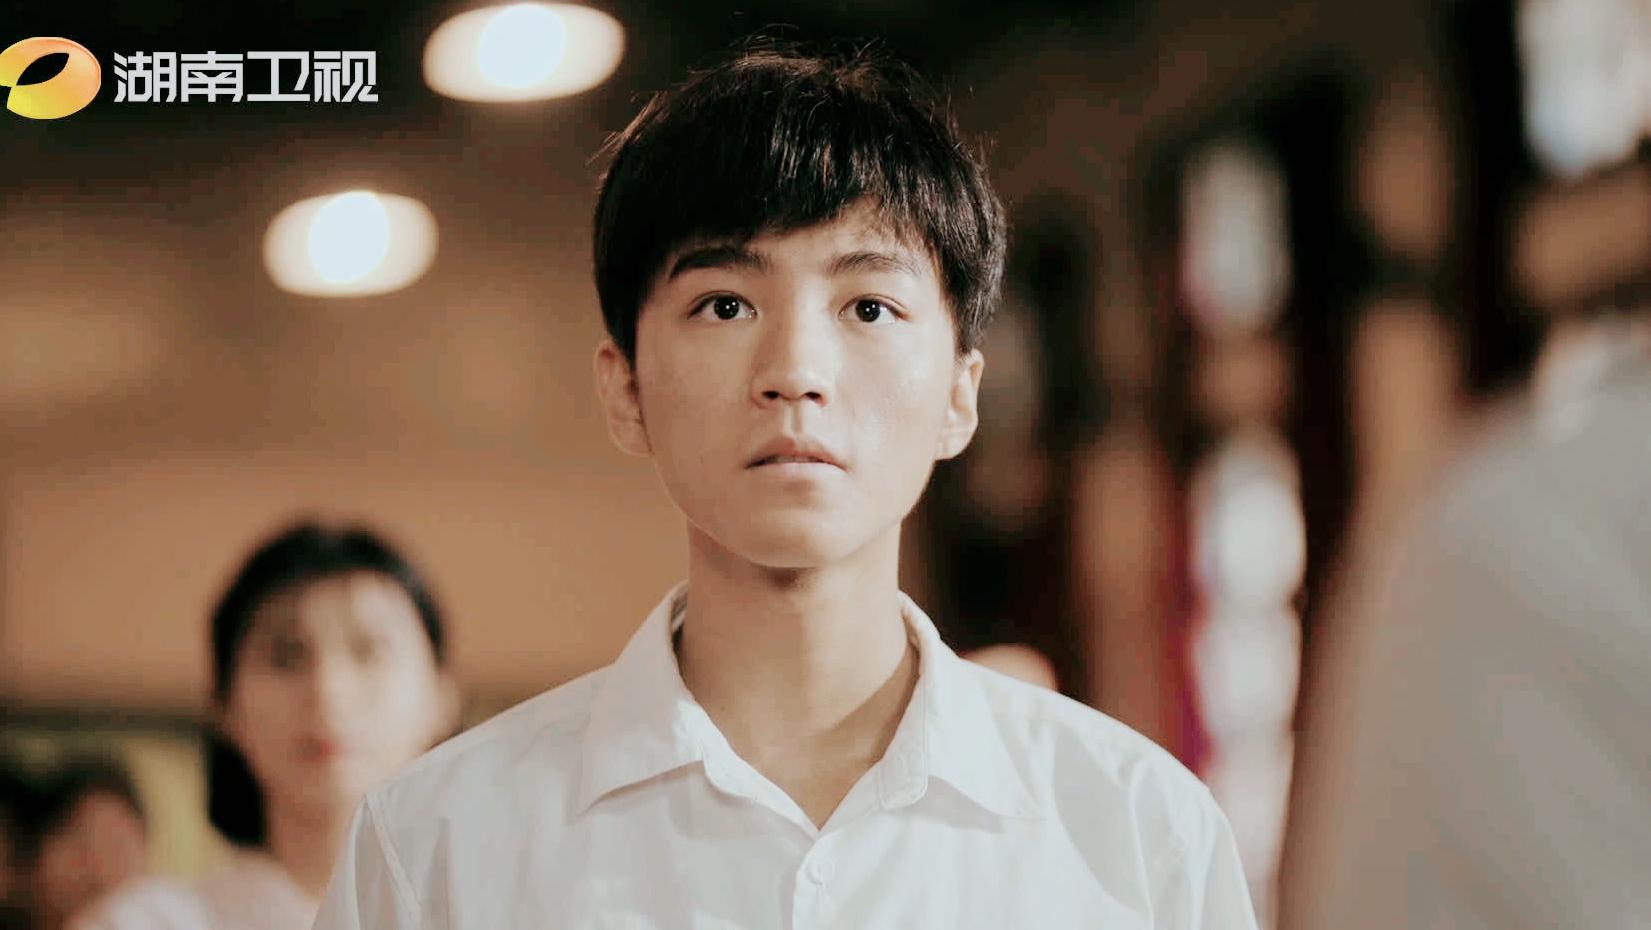 張藝興新劇開播, 情緒爆發哭到失聲, 王俊凱顏值大跌演技卻被認可-圖23